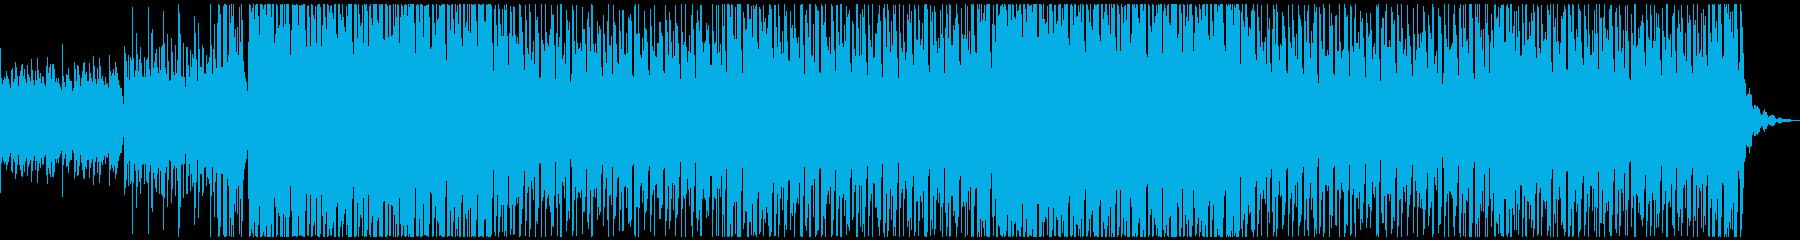 ケルト的な笛で陽気なトロピカルハウスの再生済みの波形